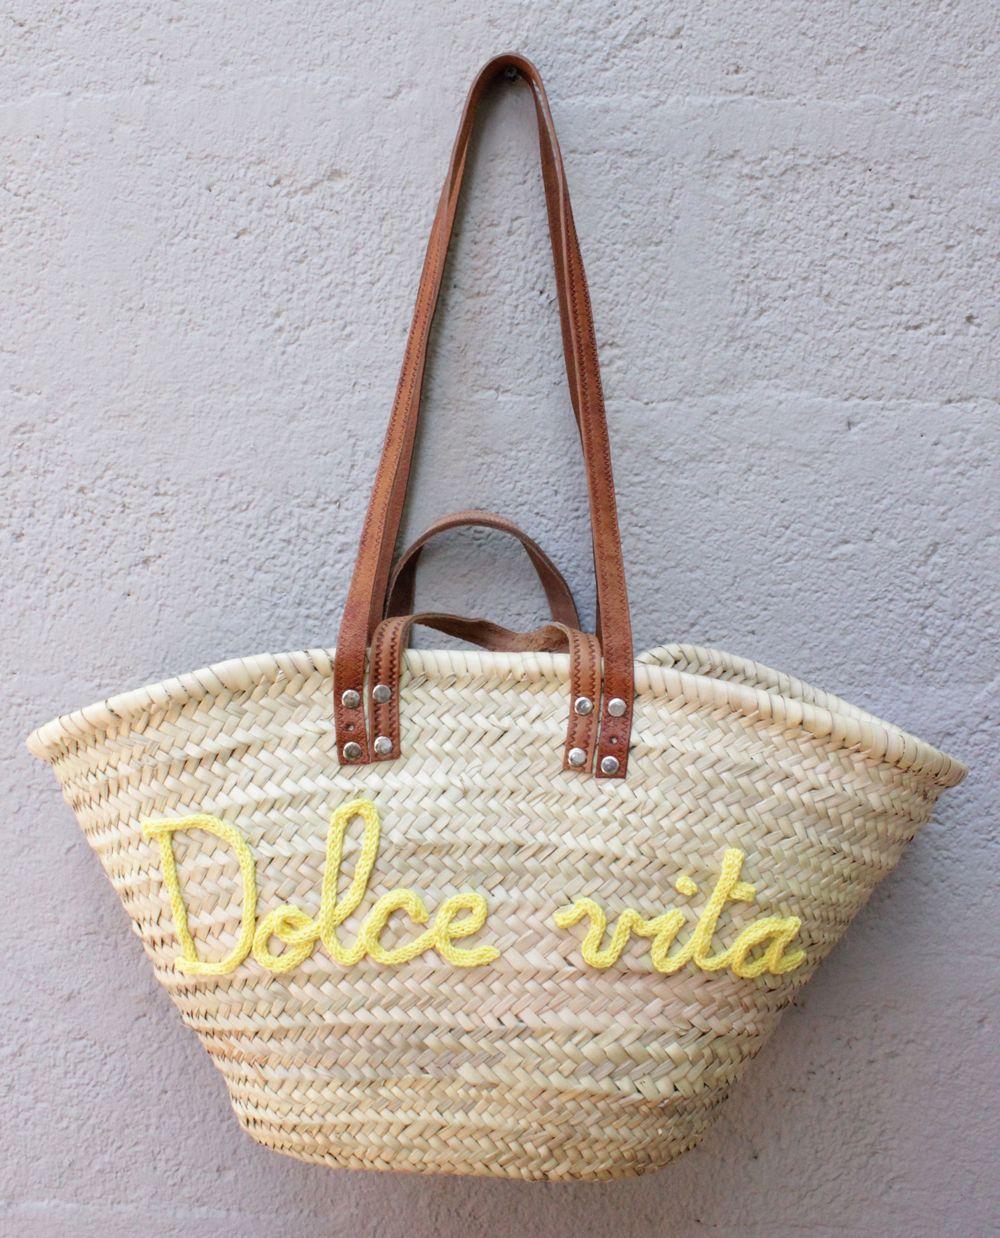 l 39 atelier des petites bauloises panier de plage dolce vita clutchs pinterest bag and. Black Bedroom Furniture Sets. Home Design Ideas